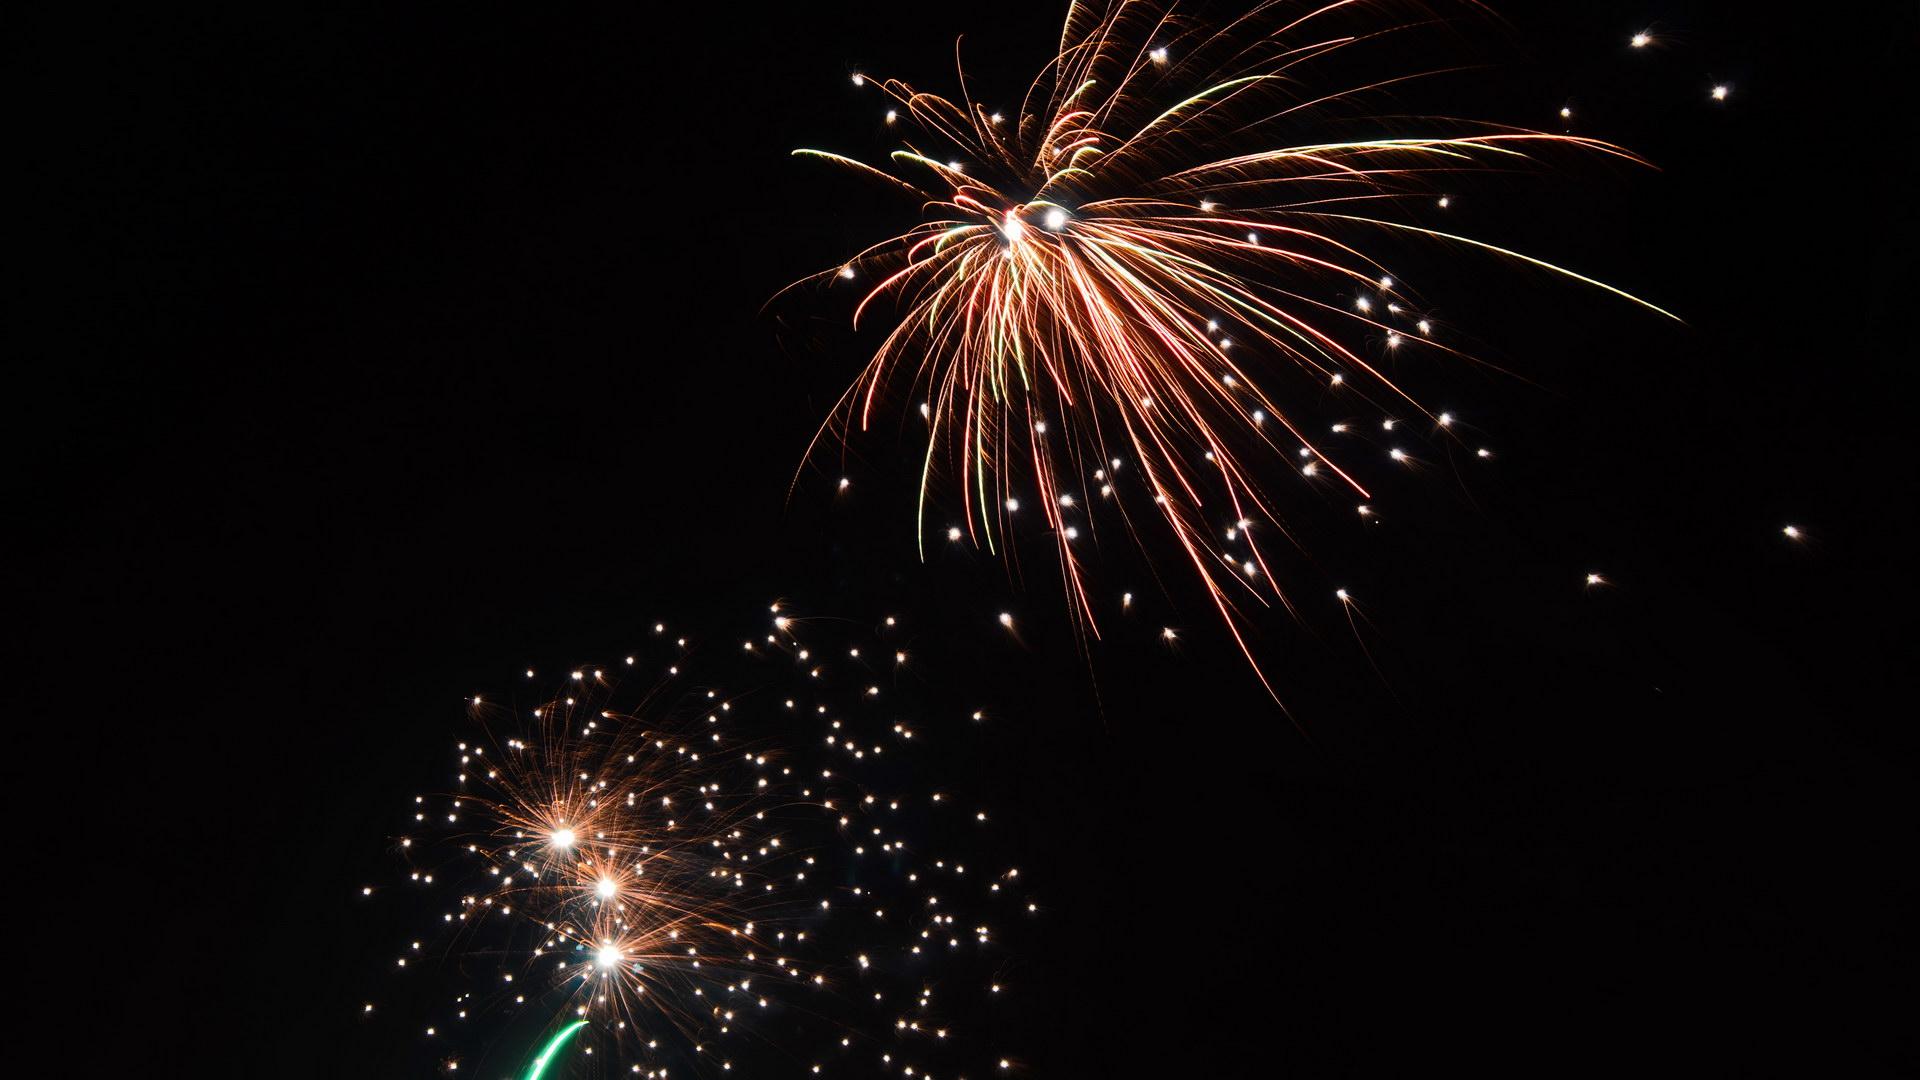 Feuerwerk vor schwarzem Himmel